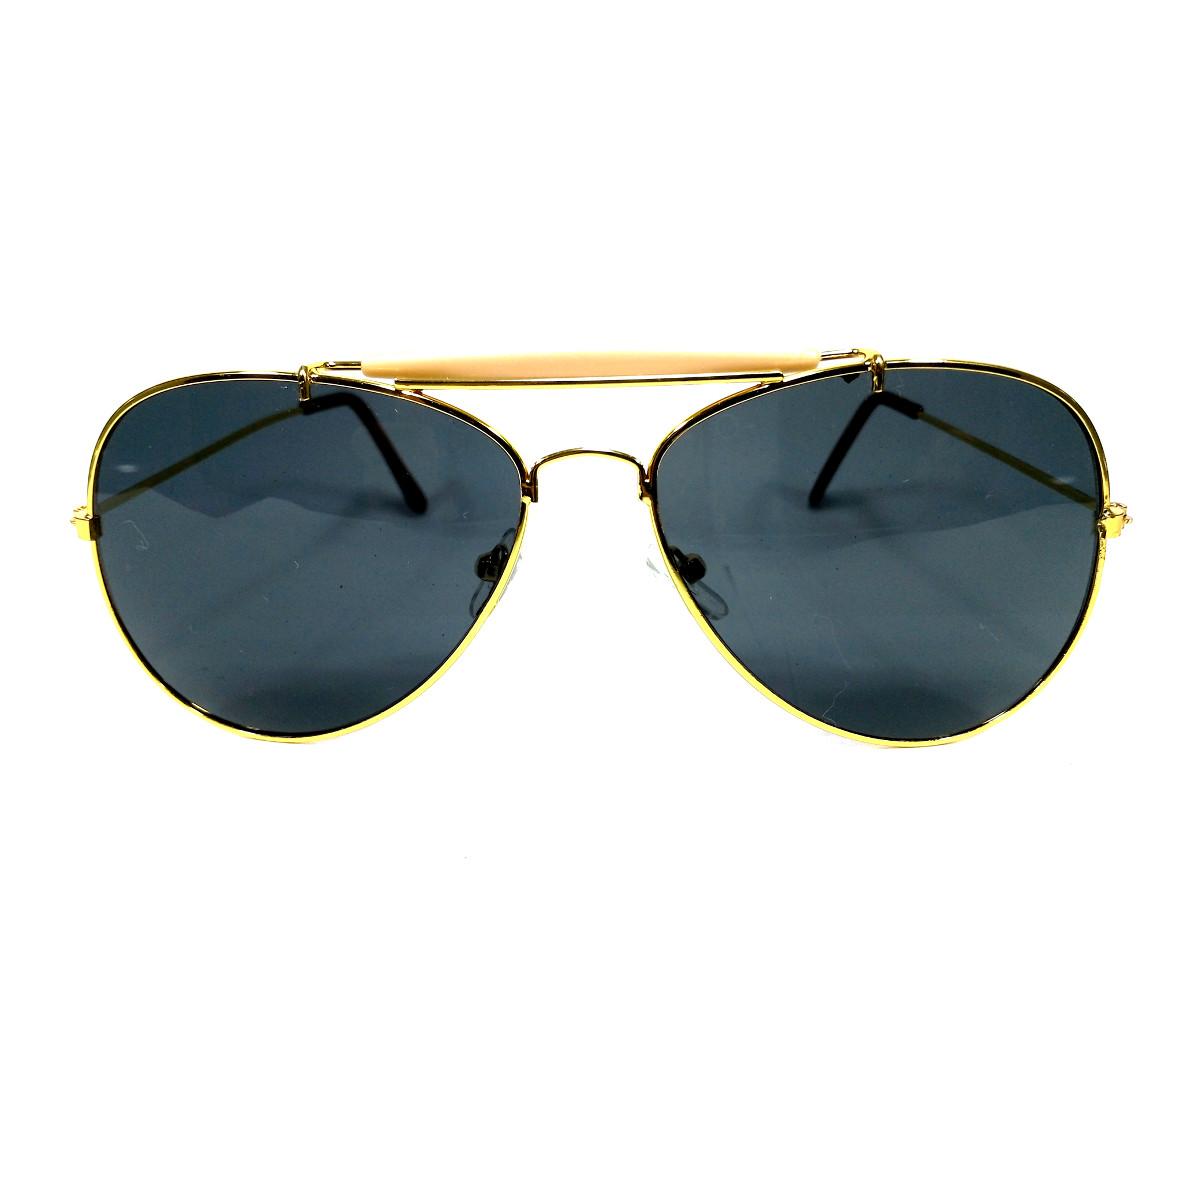 แว่นกันแดด แฟชั่น GOLD&GRAY